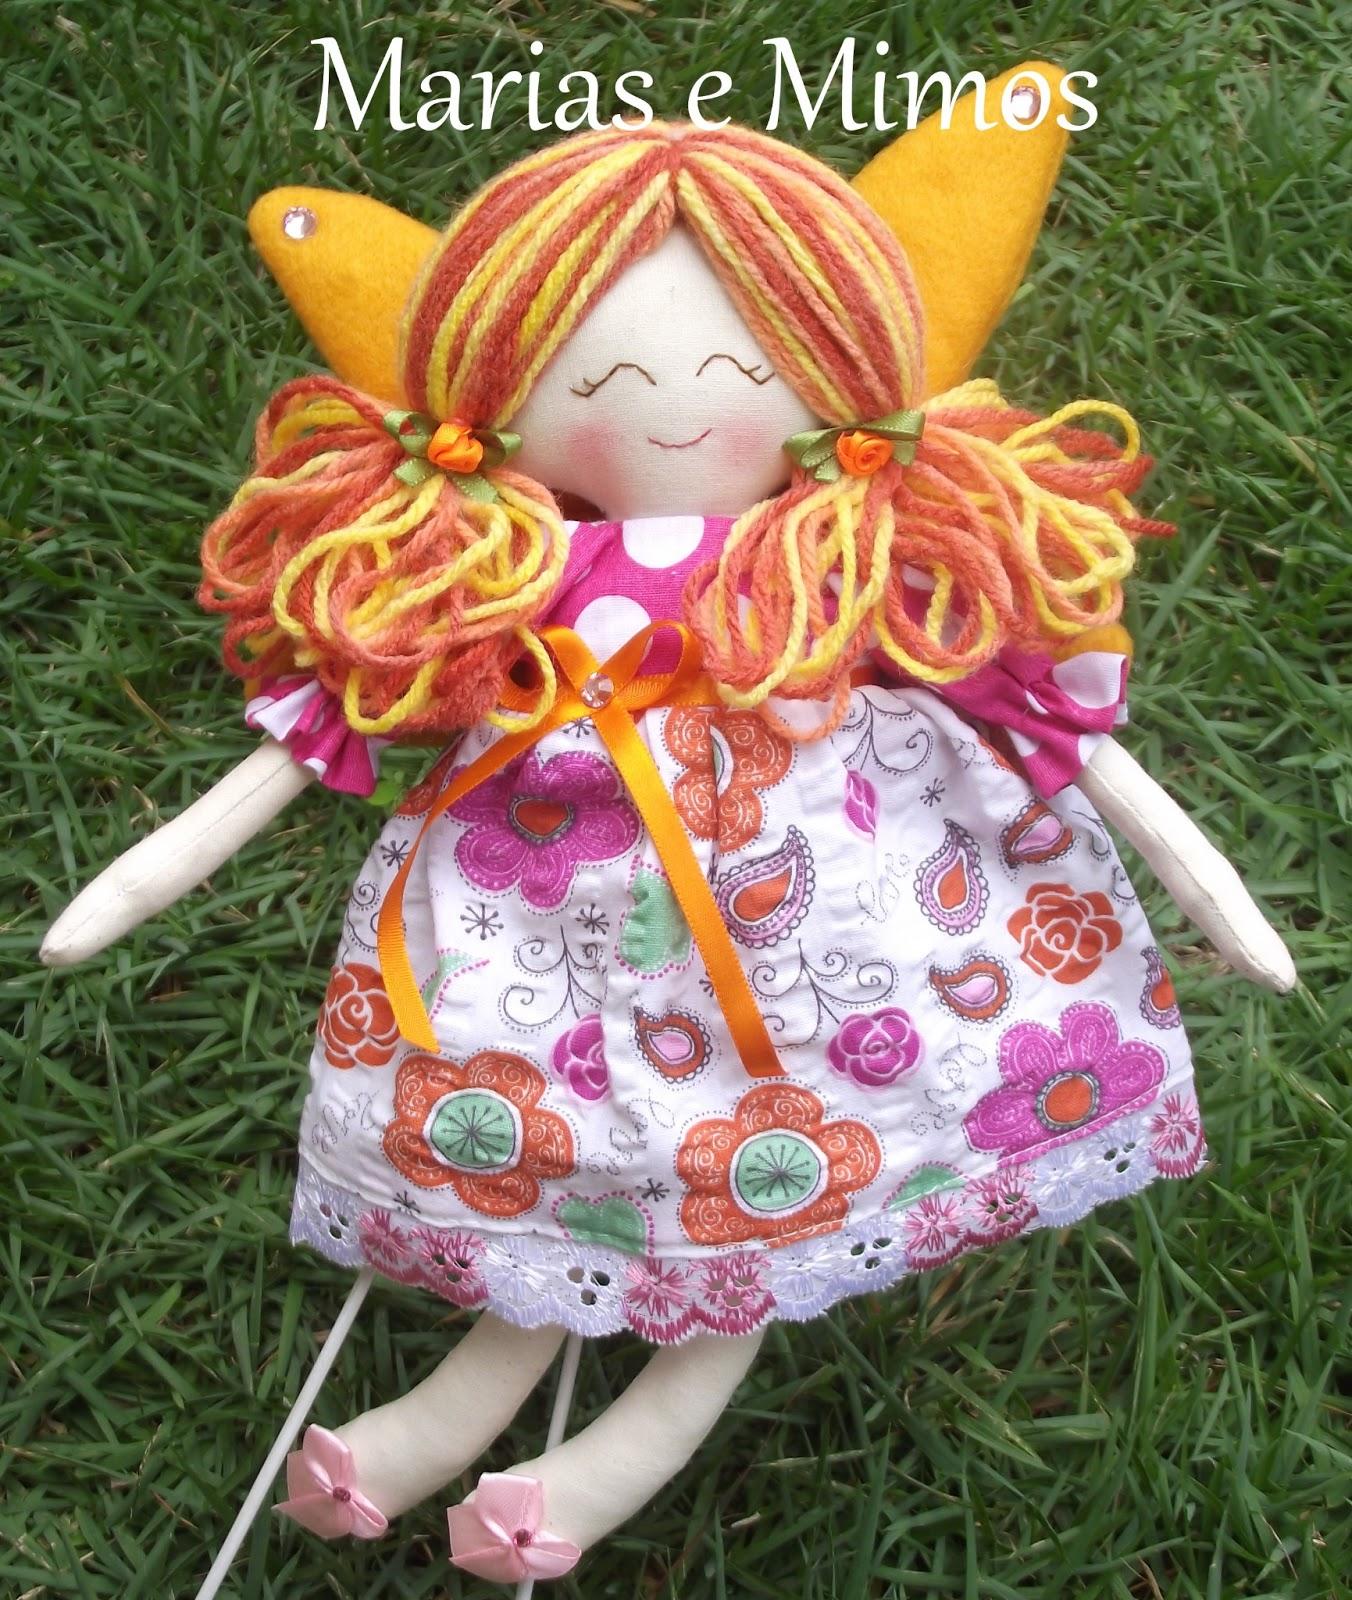 gnomos de jardim venda: Encomendas: mariasemimosclientes@gmail.com: Festa Jardim Encantado